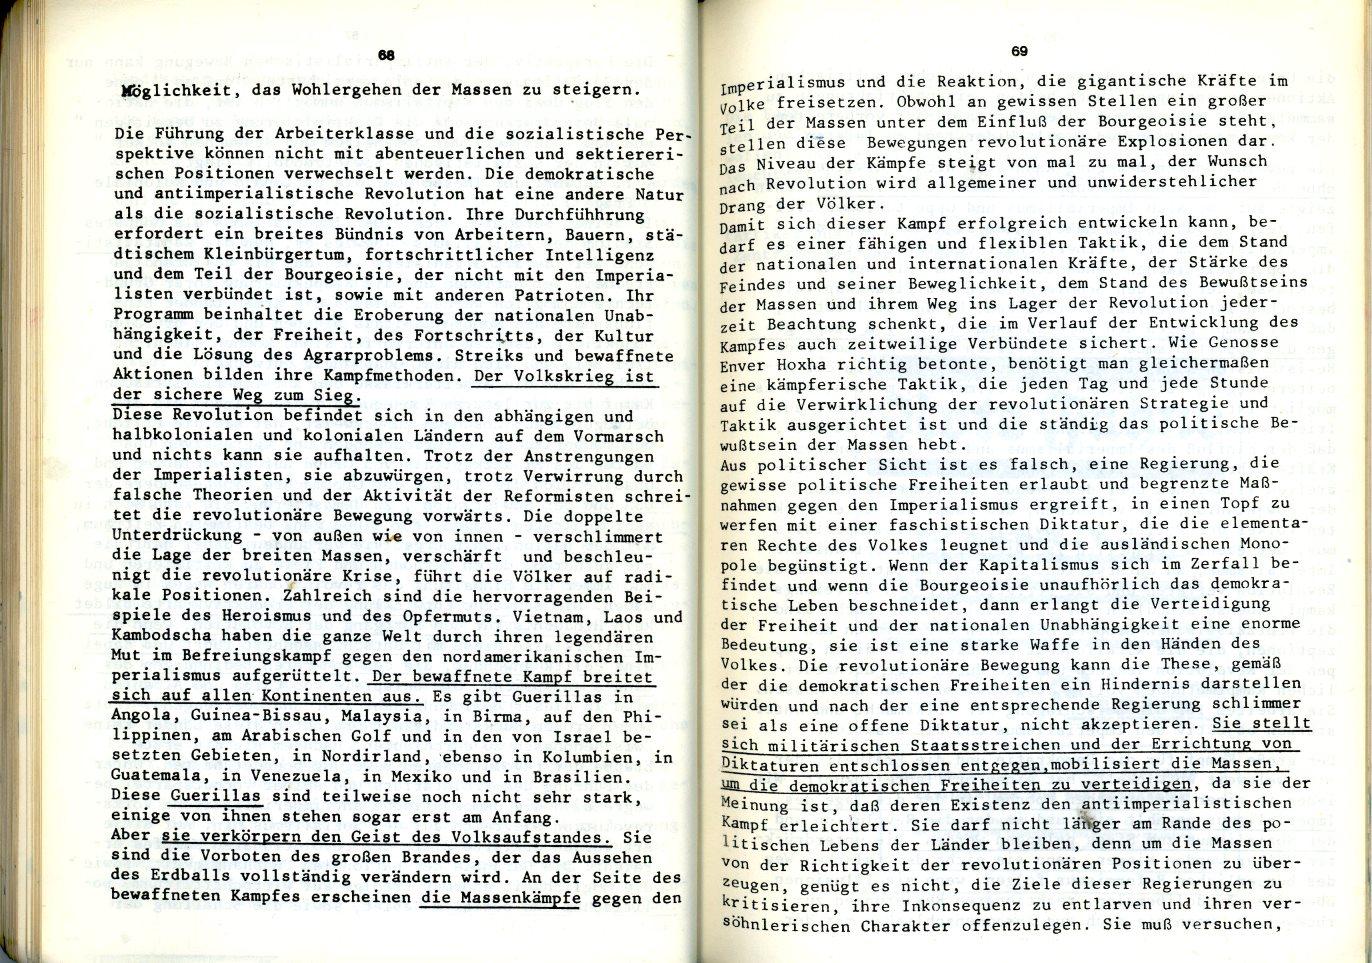 MLSK_Theorie_und_Praxis_des_ML_1978_20_43